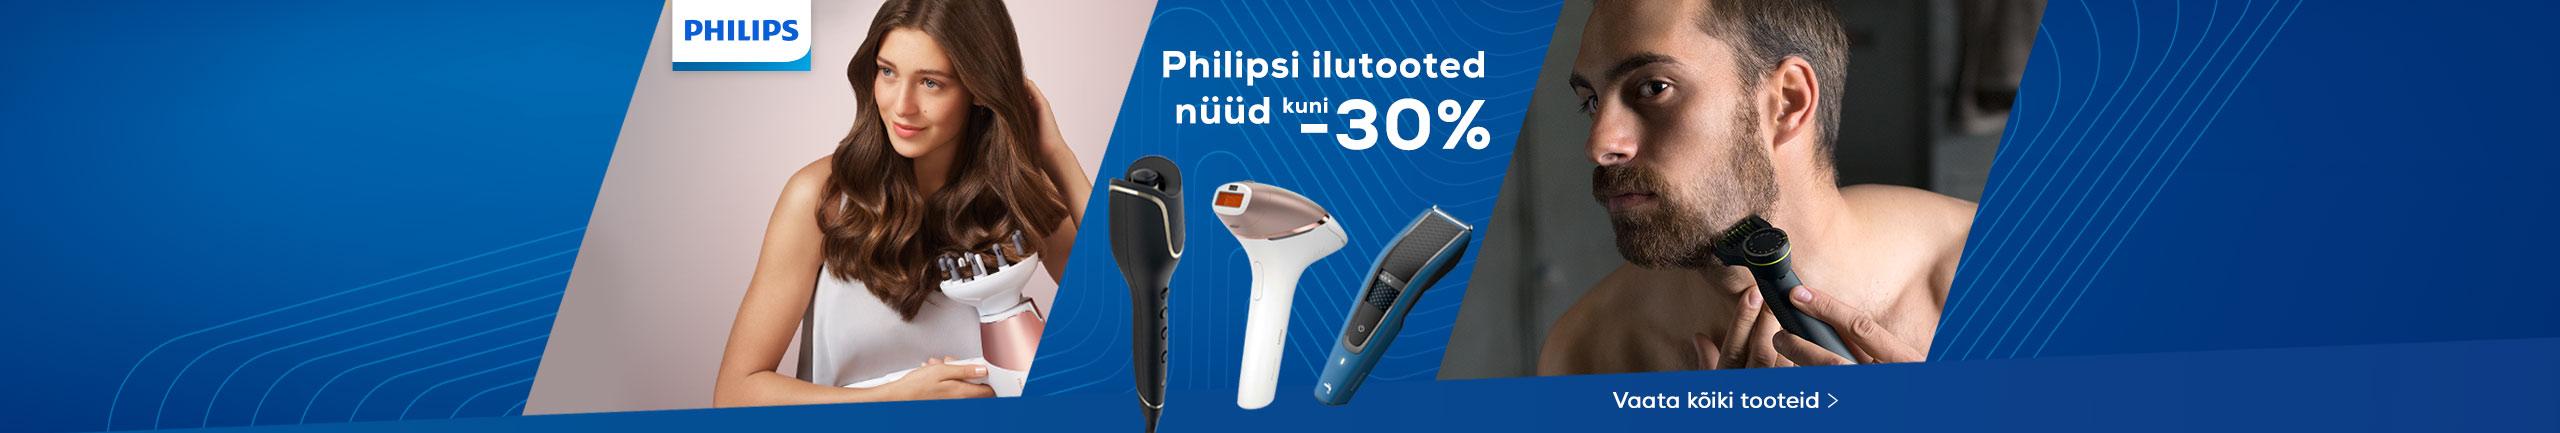 Philips ilutooted nüüd kuni -30%